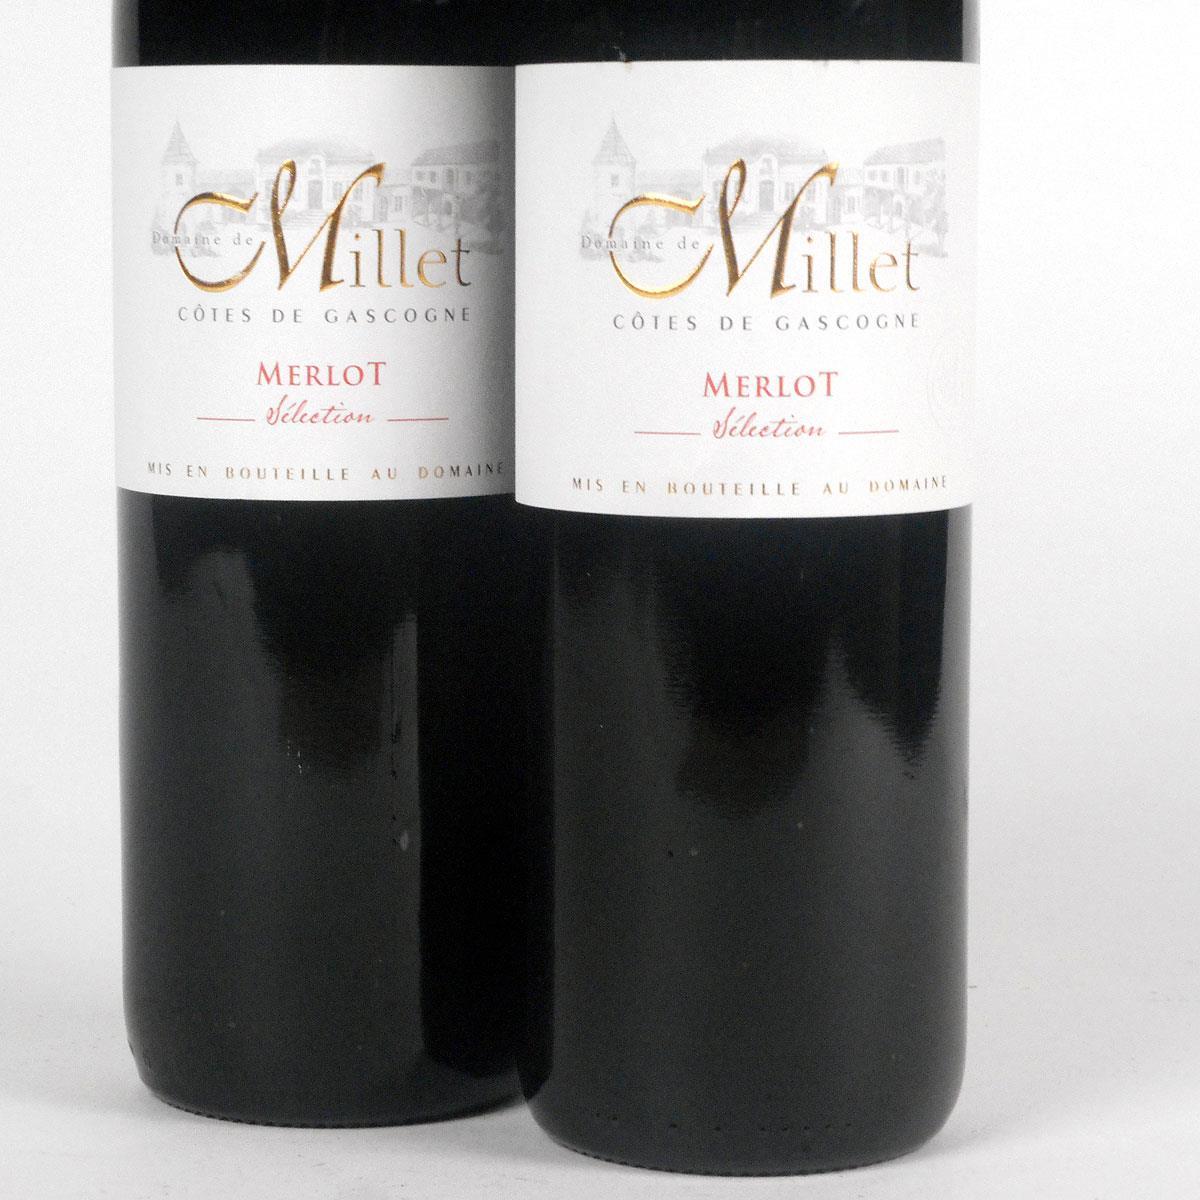 Côtes de Gascogne: Domaine Millet Merlot 2018